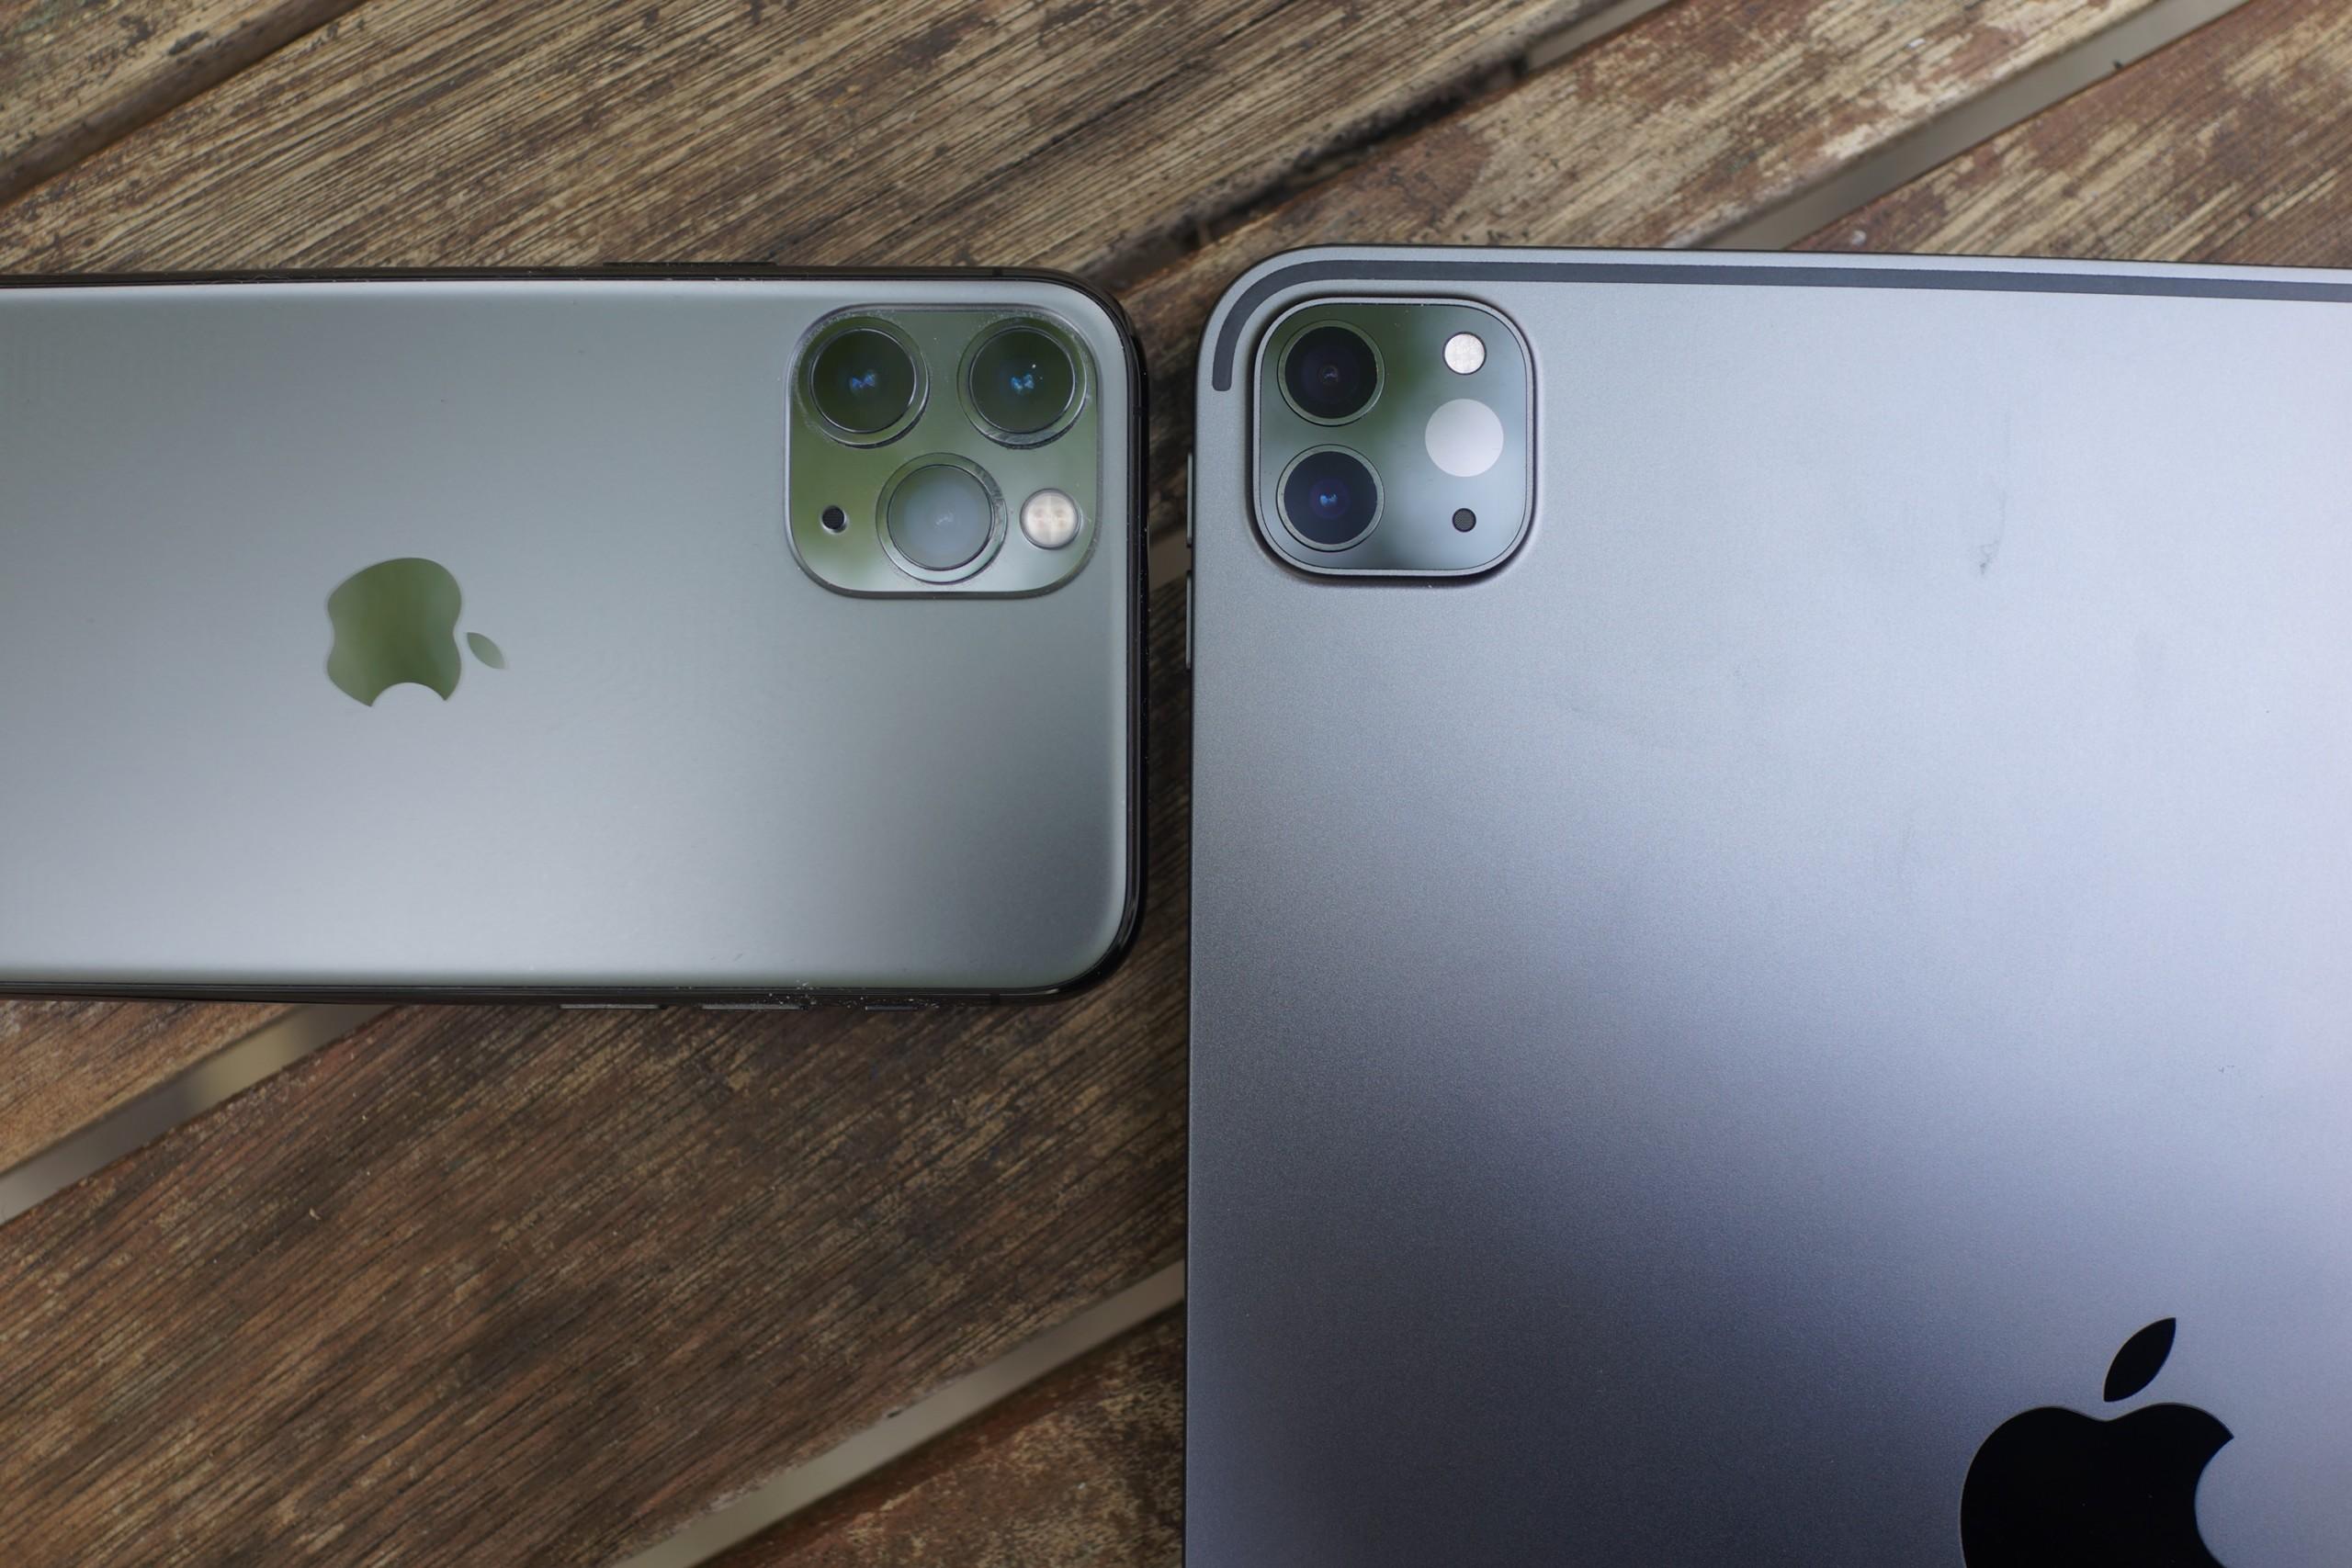 L'iPhone 12 Pro profiterait d'un capteur en plus pour des mesures de distance précises